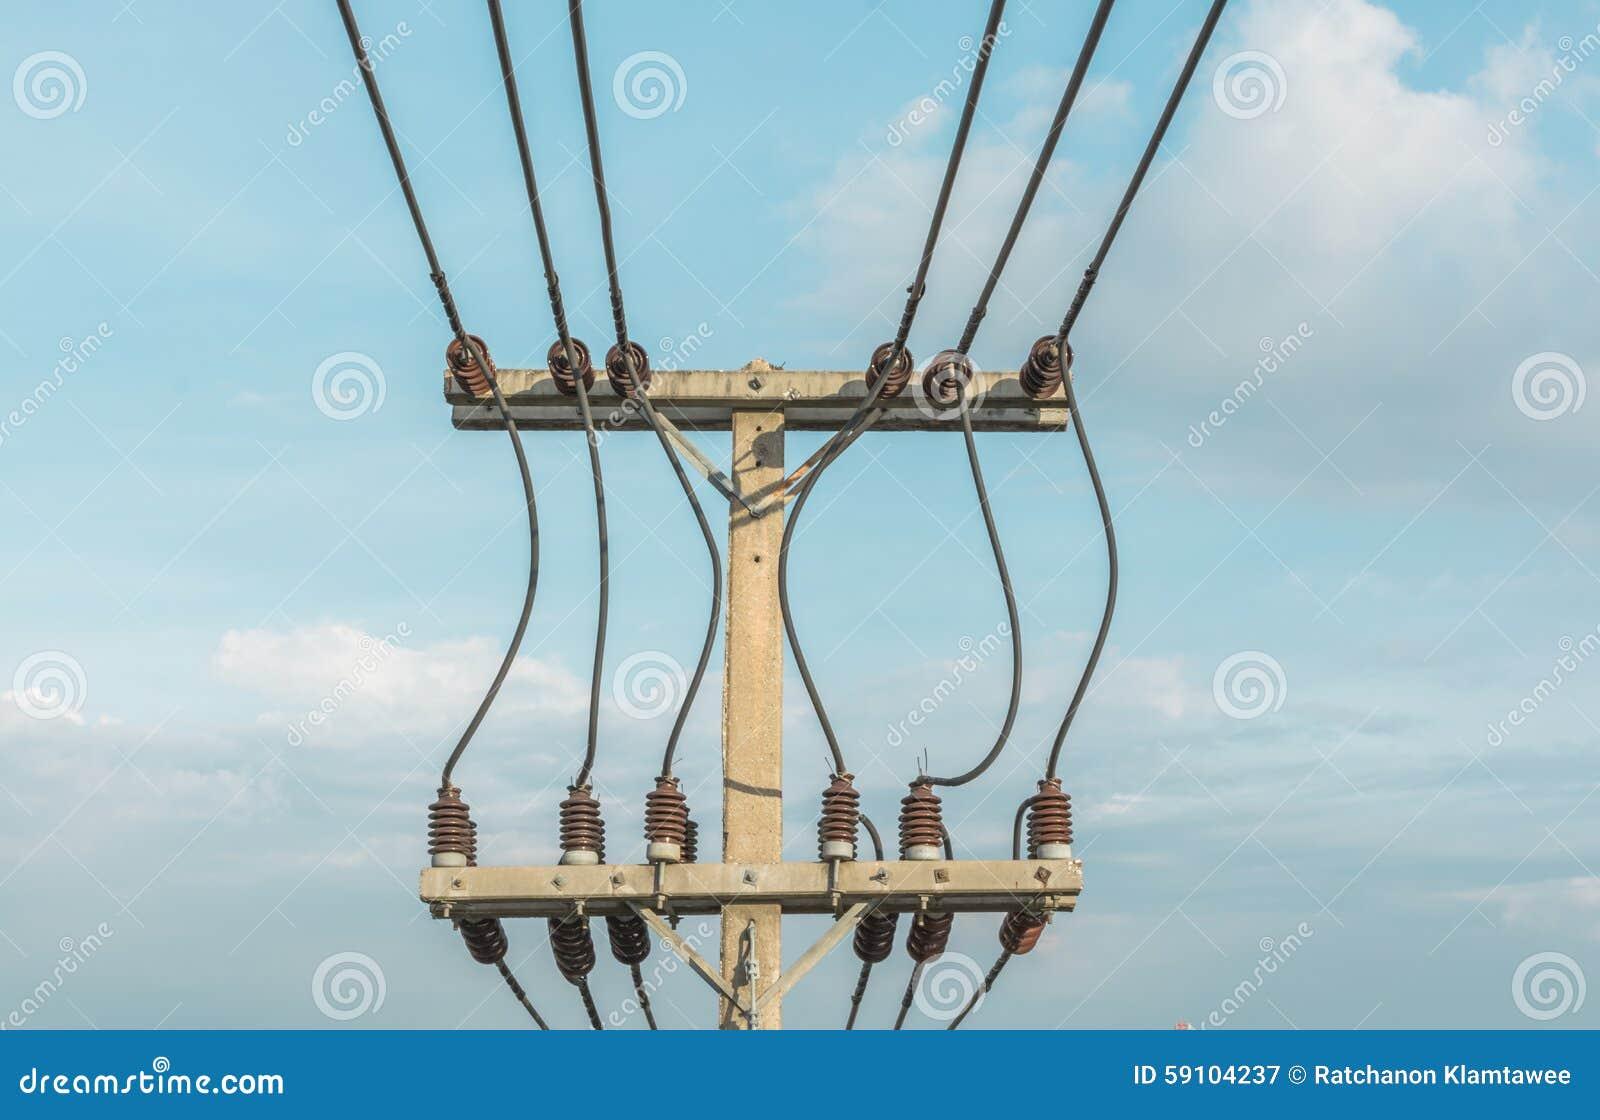 波兰人和输电线